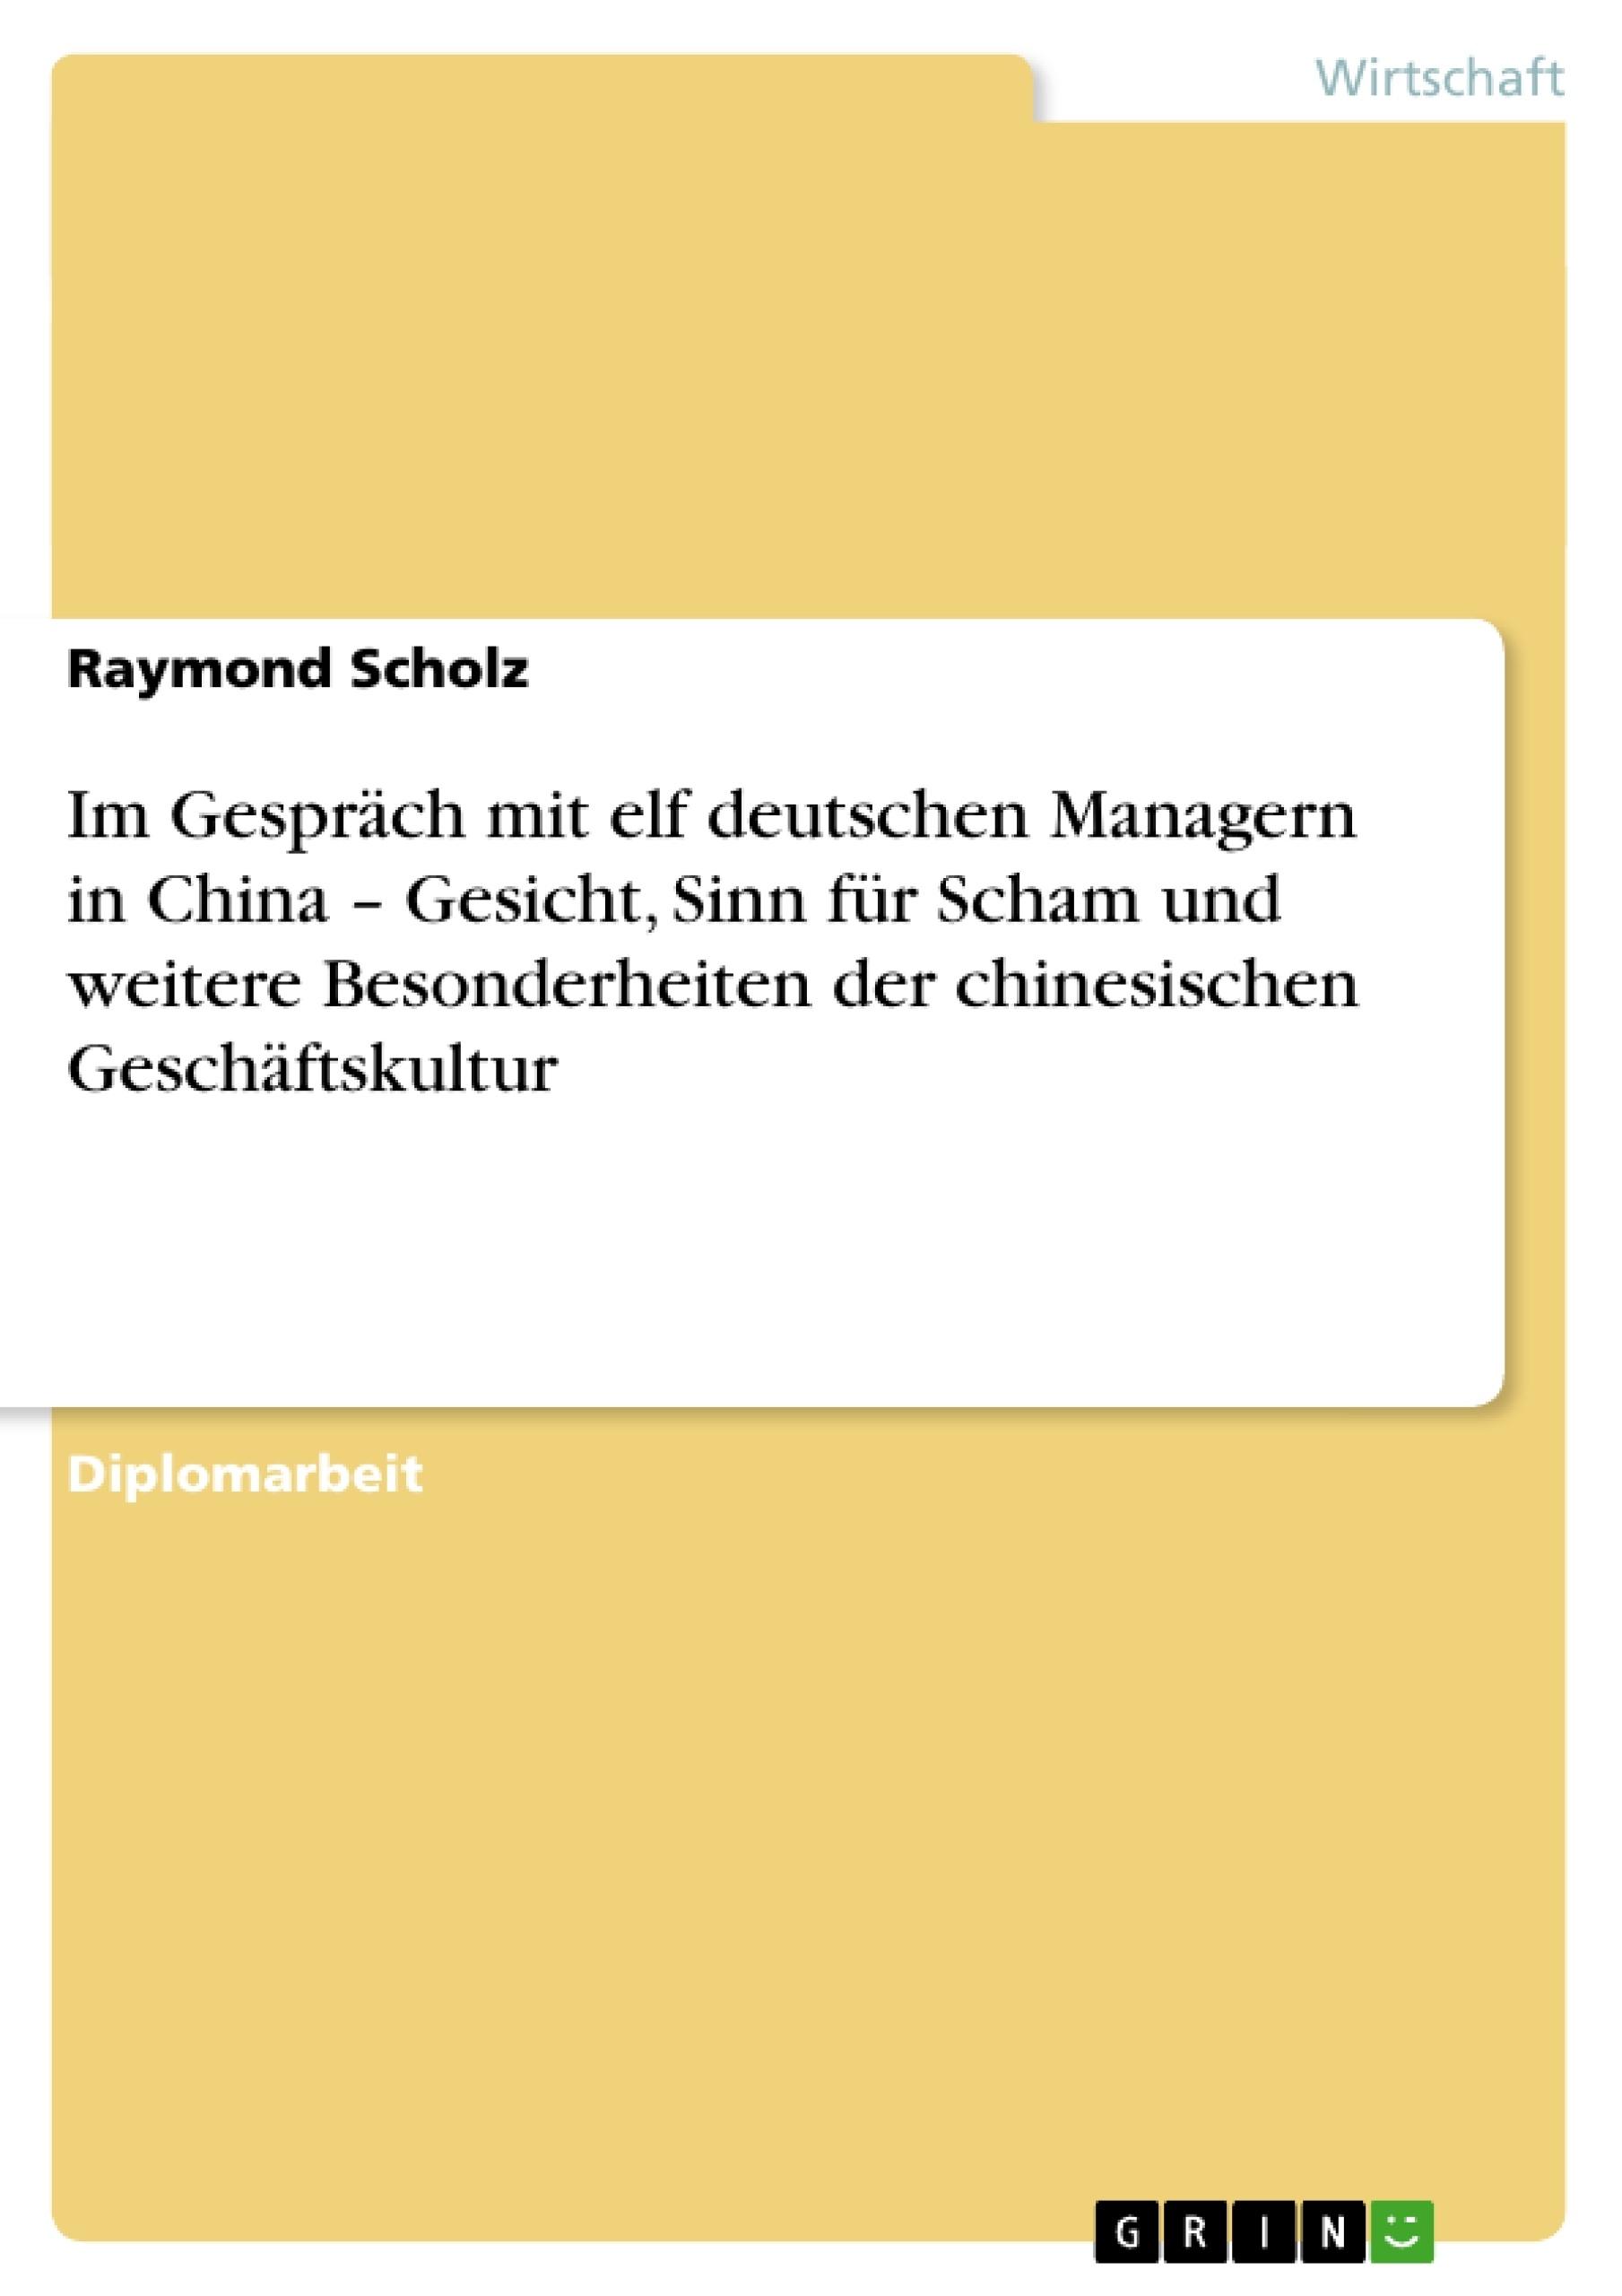 Titel: Im Gespräch mit elf deutschen Managern in China – Gesicht, Sinn für Scham und weitere Besonderheiten der chinesischen Geschäftskultur